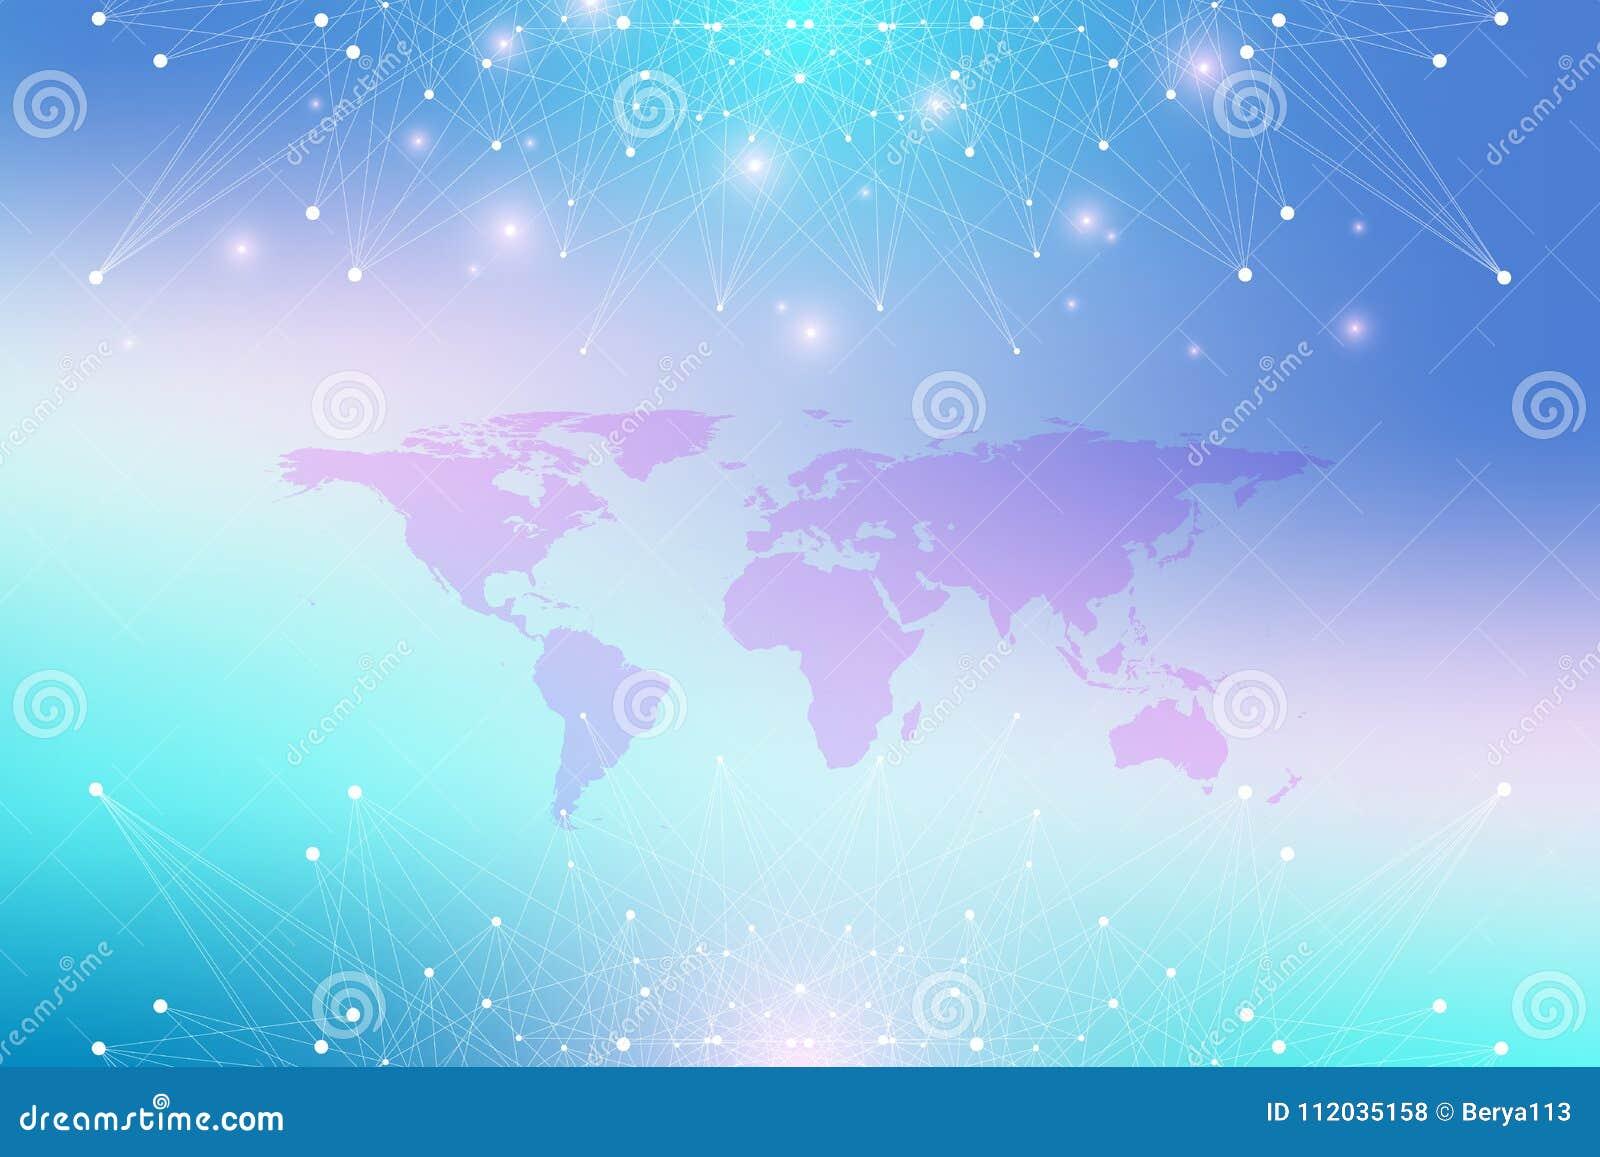 与全球性技术网络概念的政治世界地图 数字资料形象化 排行结节 大数据